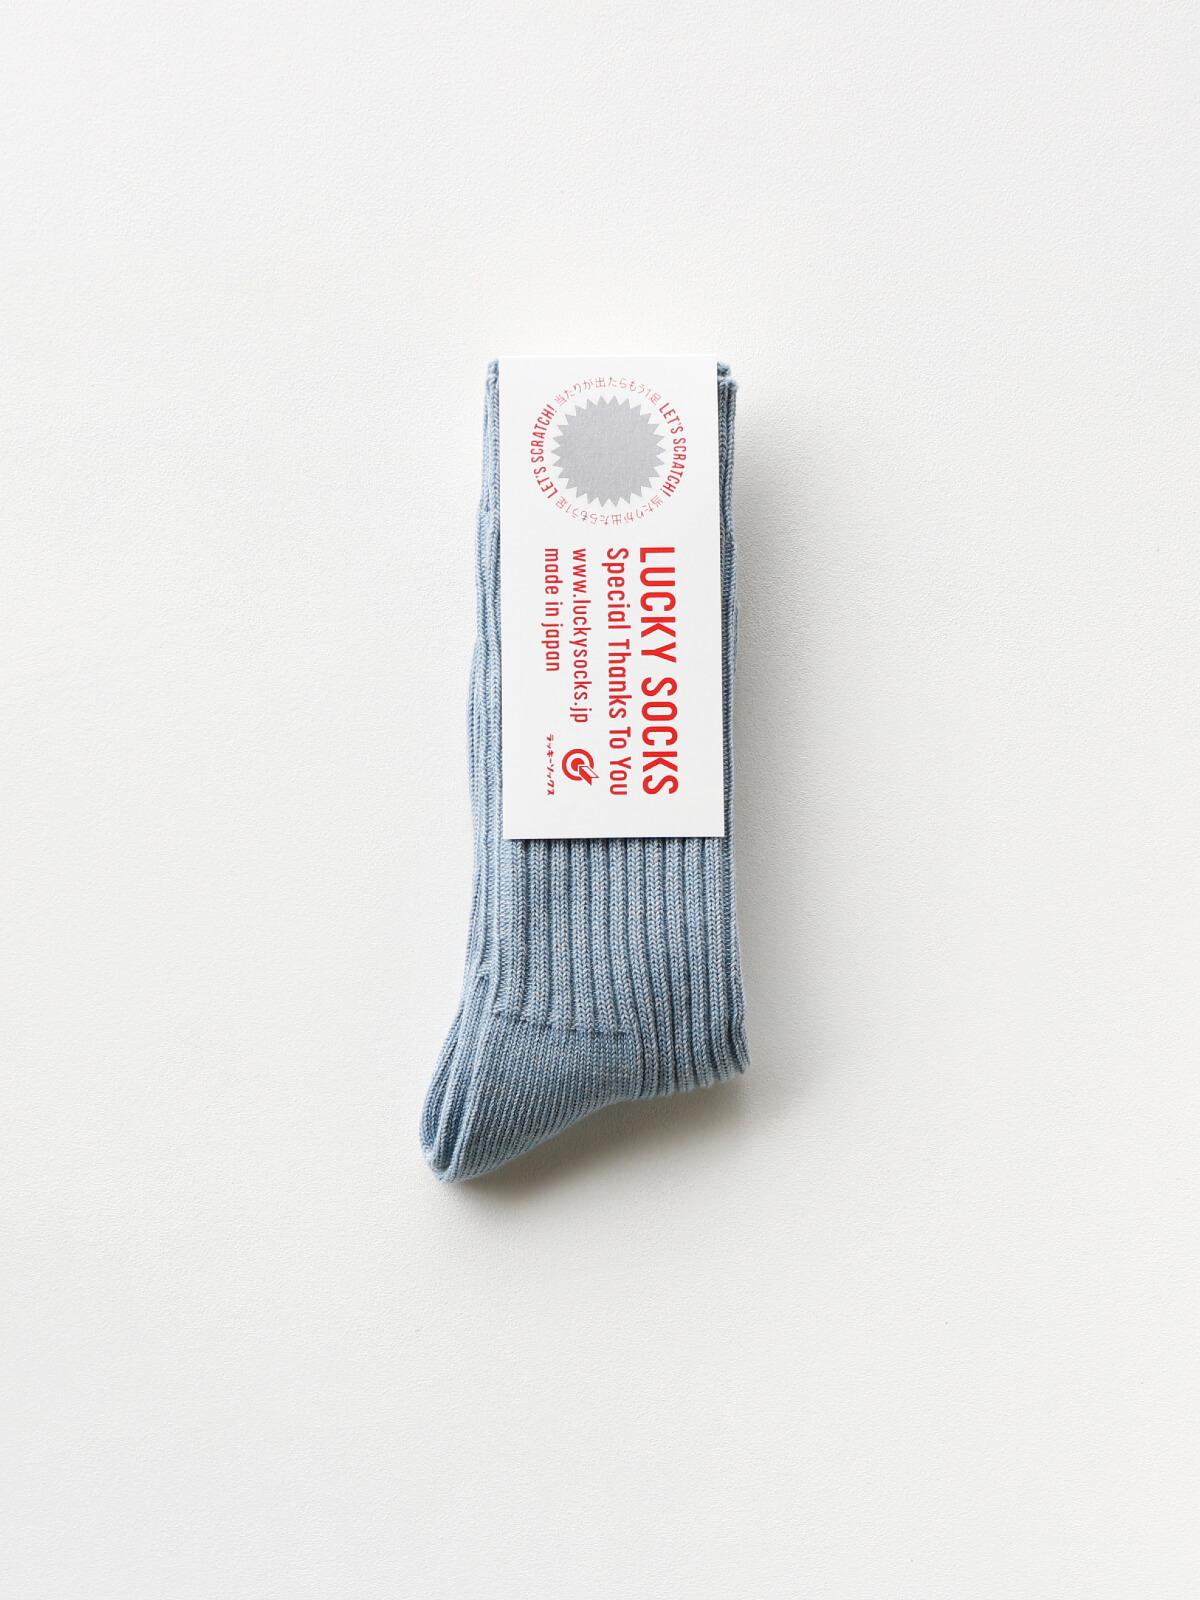 当たりつきギフト専用靴下のLUCKY SOCKS(ラッキーソックス)のSmooth Rib Socks(スムースリブソックス)のスチールブルー_1